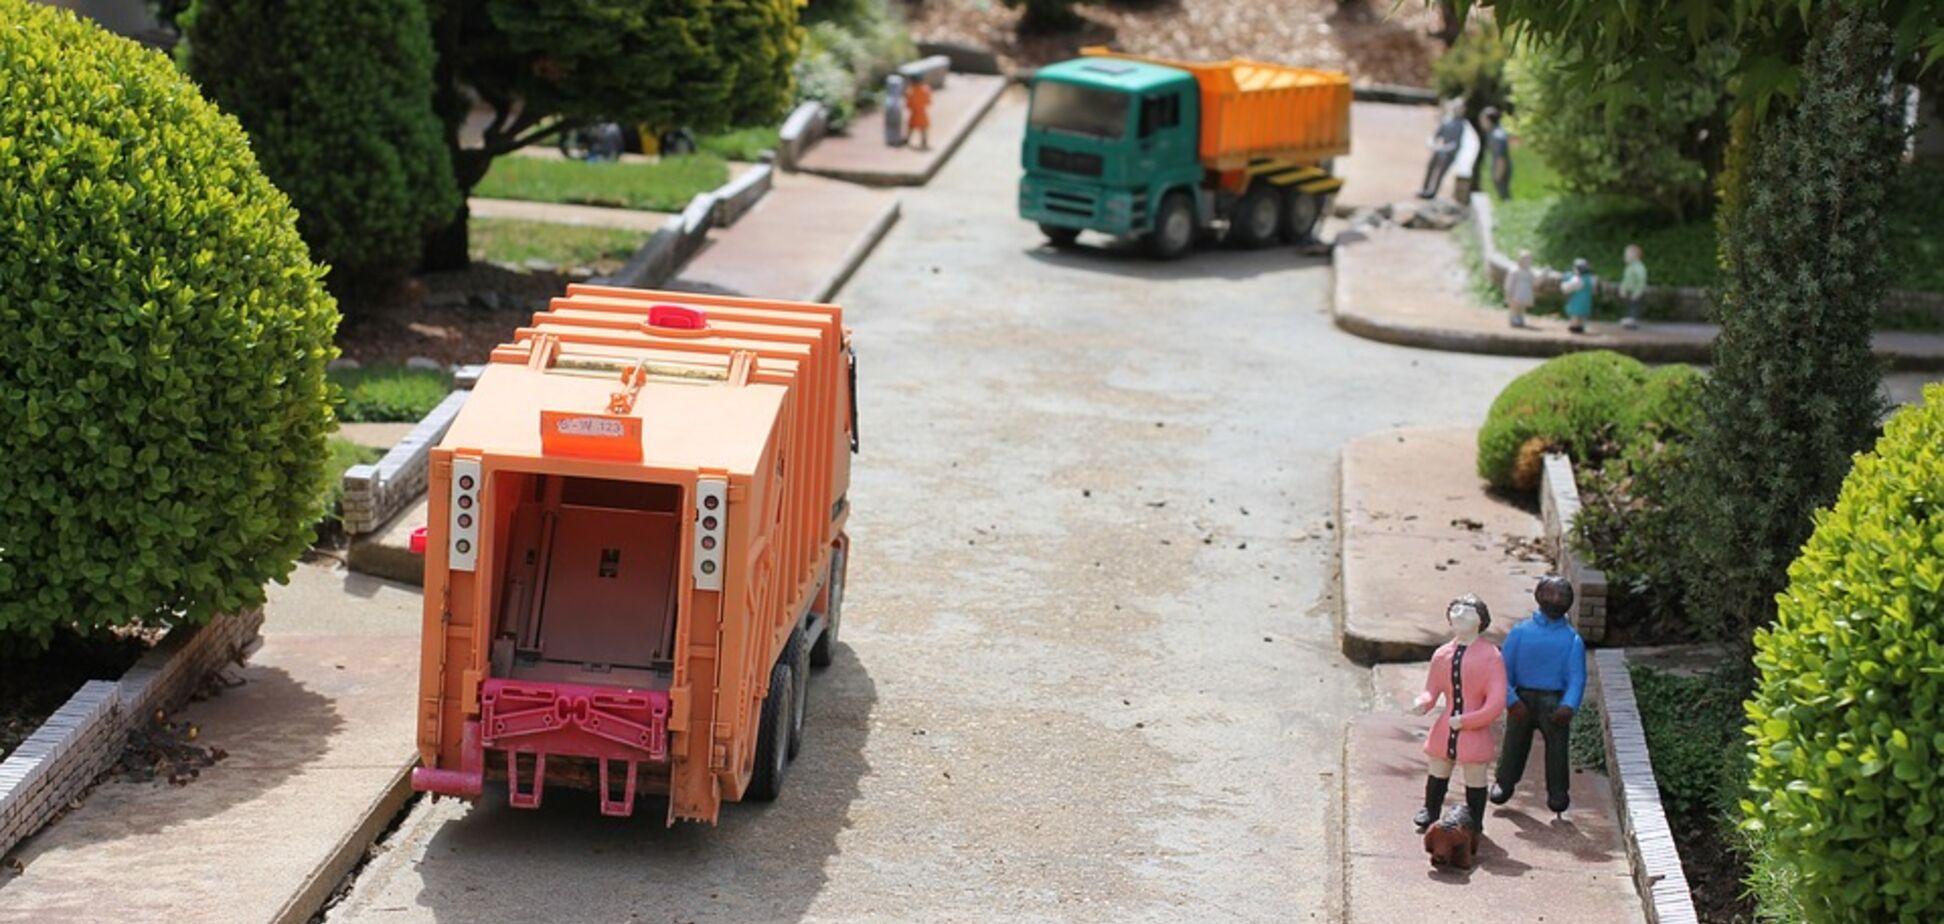 В столице вырос тариф на вывоз мусора: коммунальщики дали разъяснения